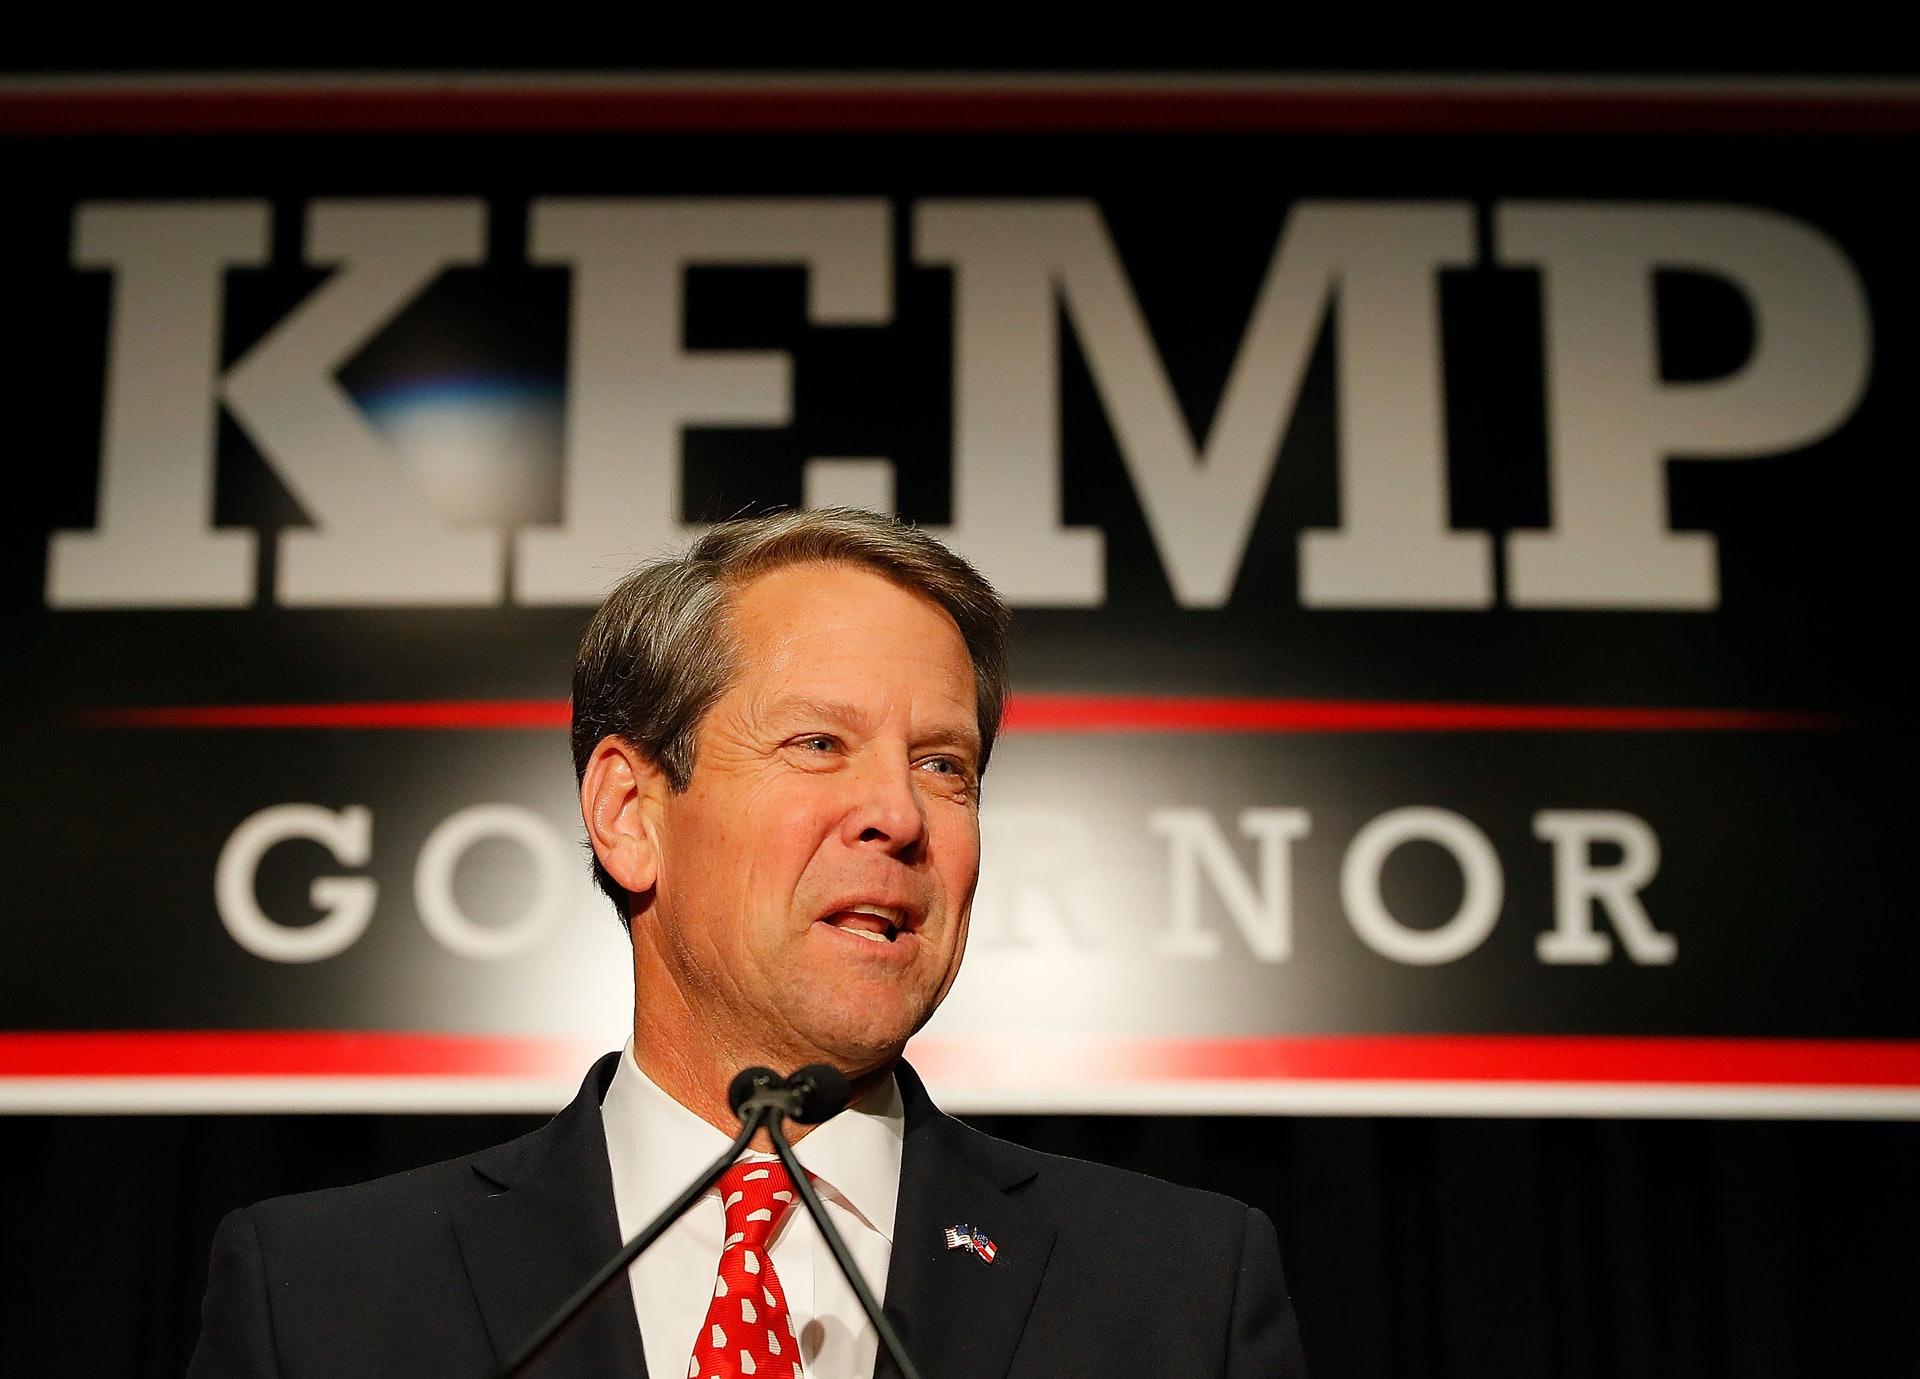 艾布拉姆斯當年以1.5個百分點的差距落敗給共和黨候選人肯普(Brian Kemp)。不過民主黨和艾布拉姆斯的競選團隊指控身兼州務卿的肯普壓制選民,例如未有進行選民登記程序、大規模取消登記選民資格、關閉票站等,影響部份非裔選民。圖為2018年11月6日,肯普於喬治亞州出席選舉夜活動。(Getty Images)